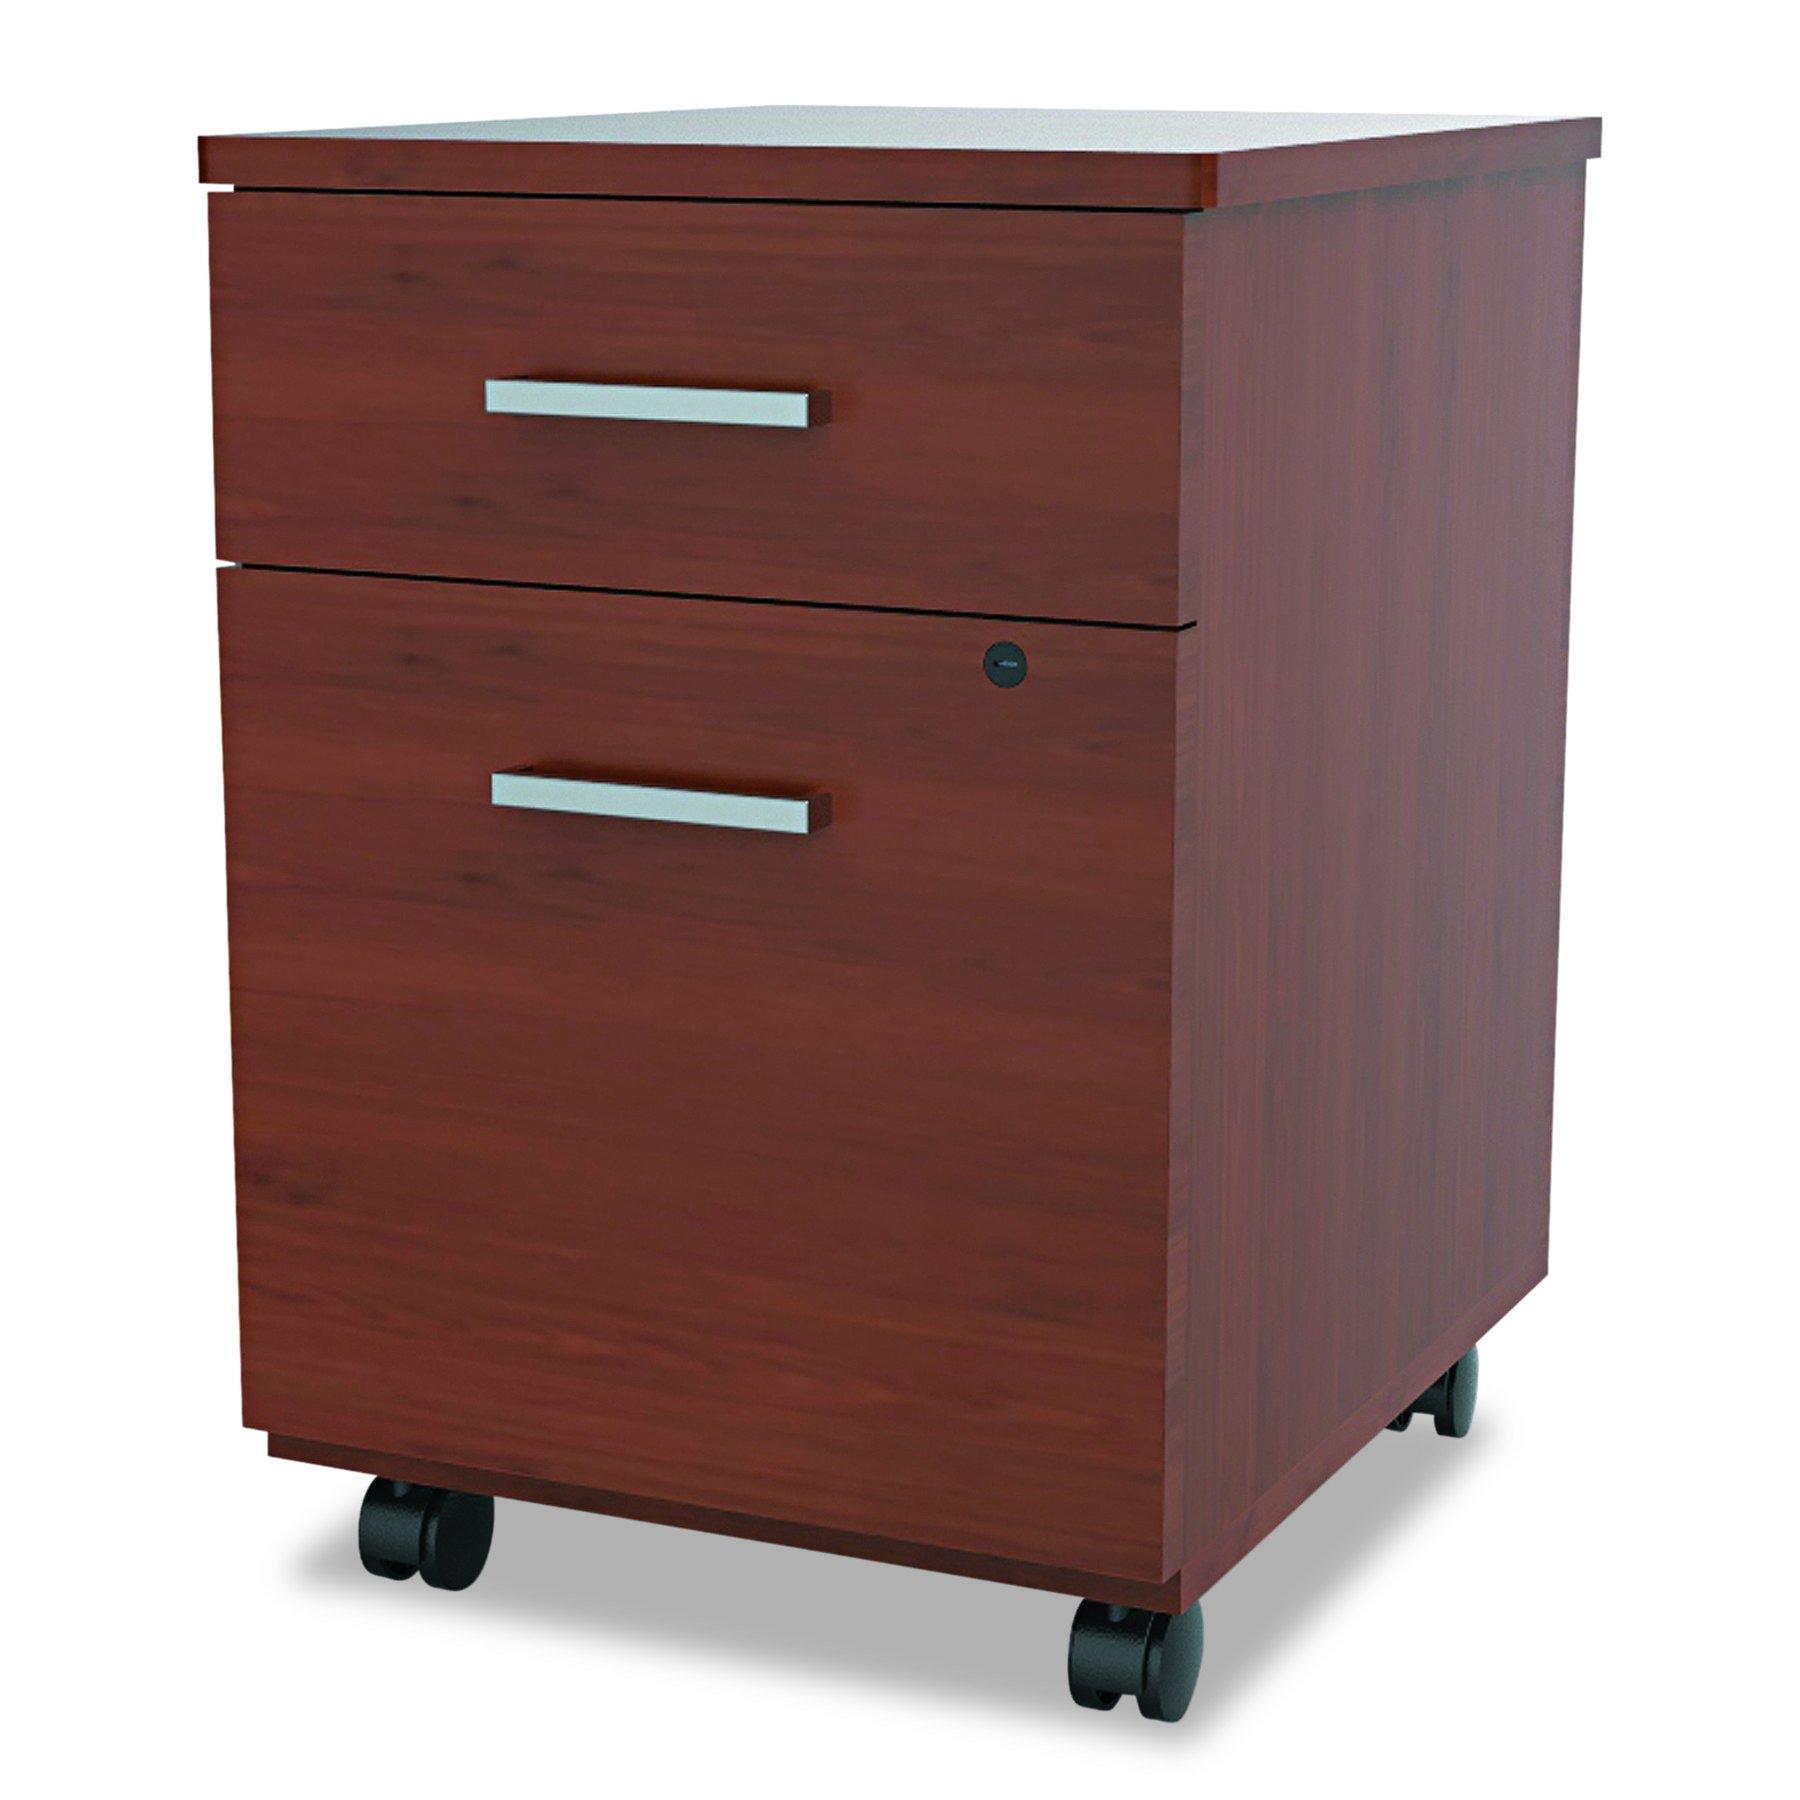 Linea Italia SV752CH Seven Series Mobile Pedestal File, Box/File Drawer, Cherry by Linea Italia